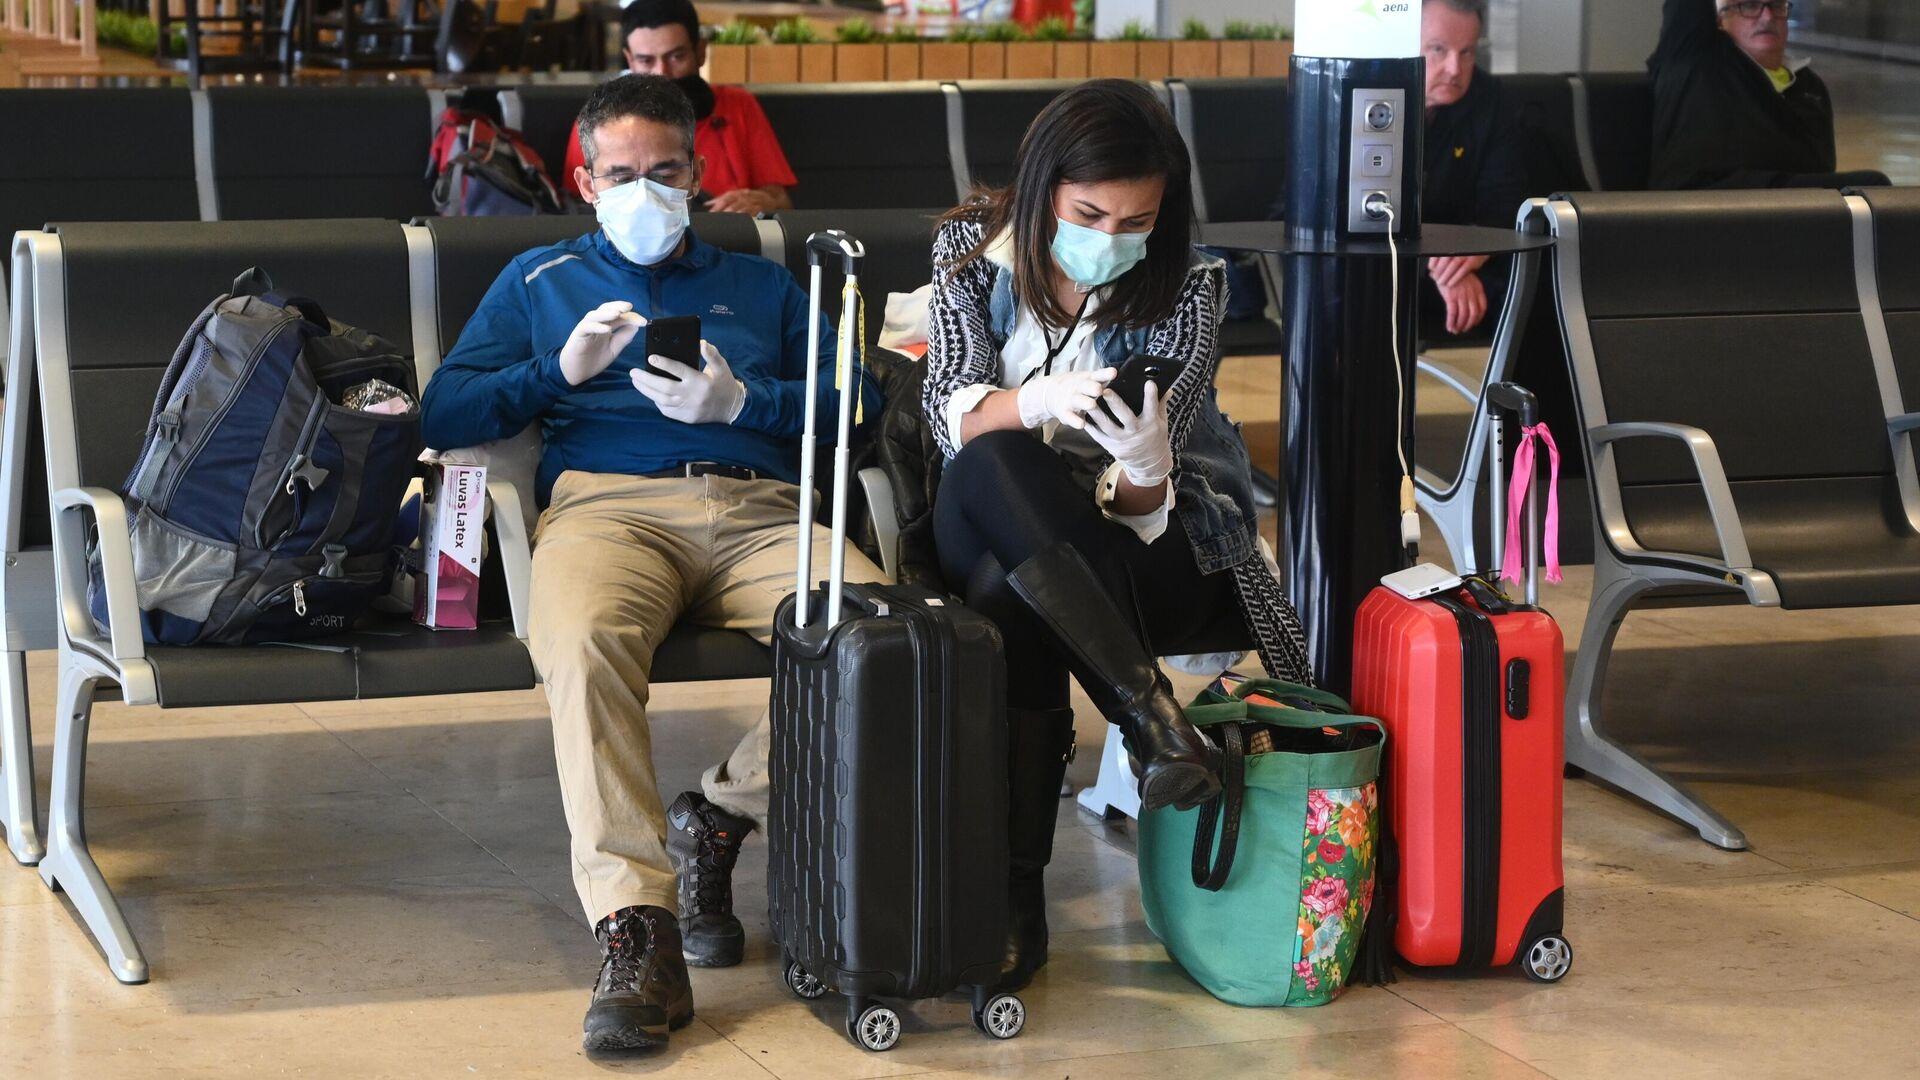 Ситуация в аэропорту Мадрида в связи с коронавирусом - РИА Новости, 1920, 07.06.2021